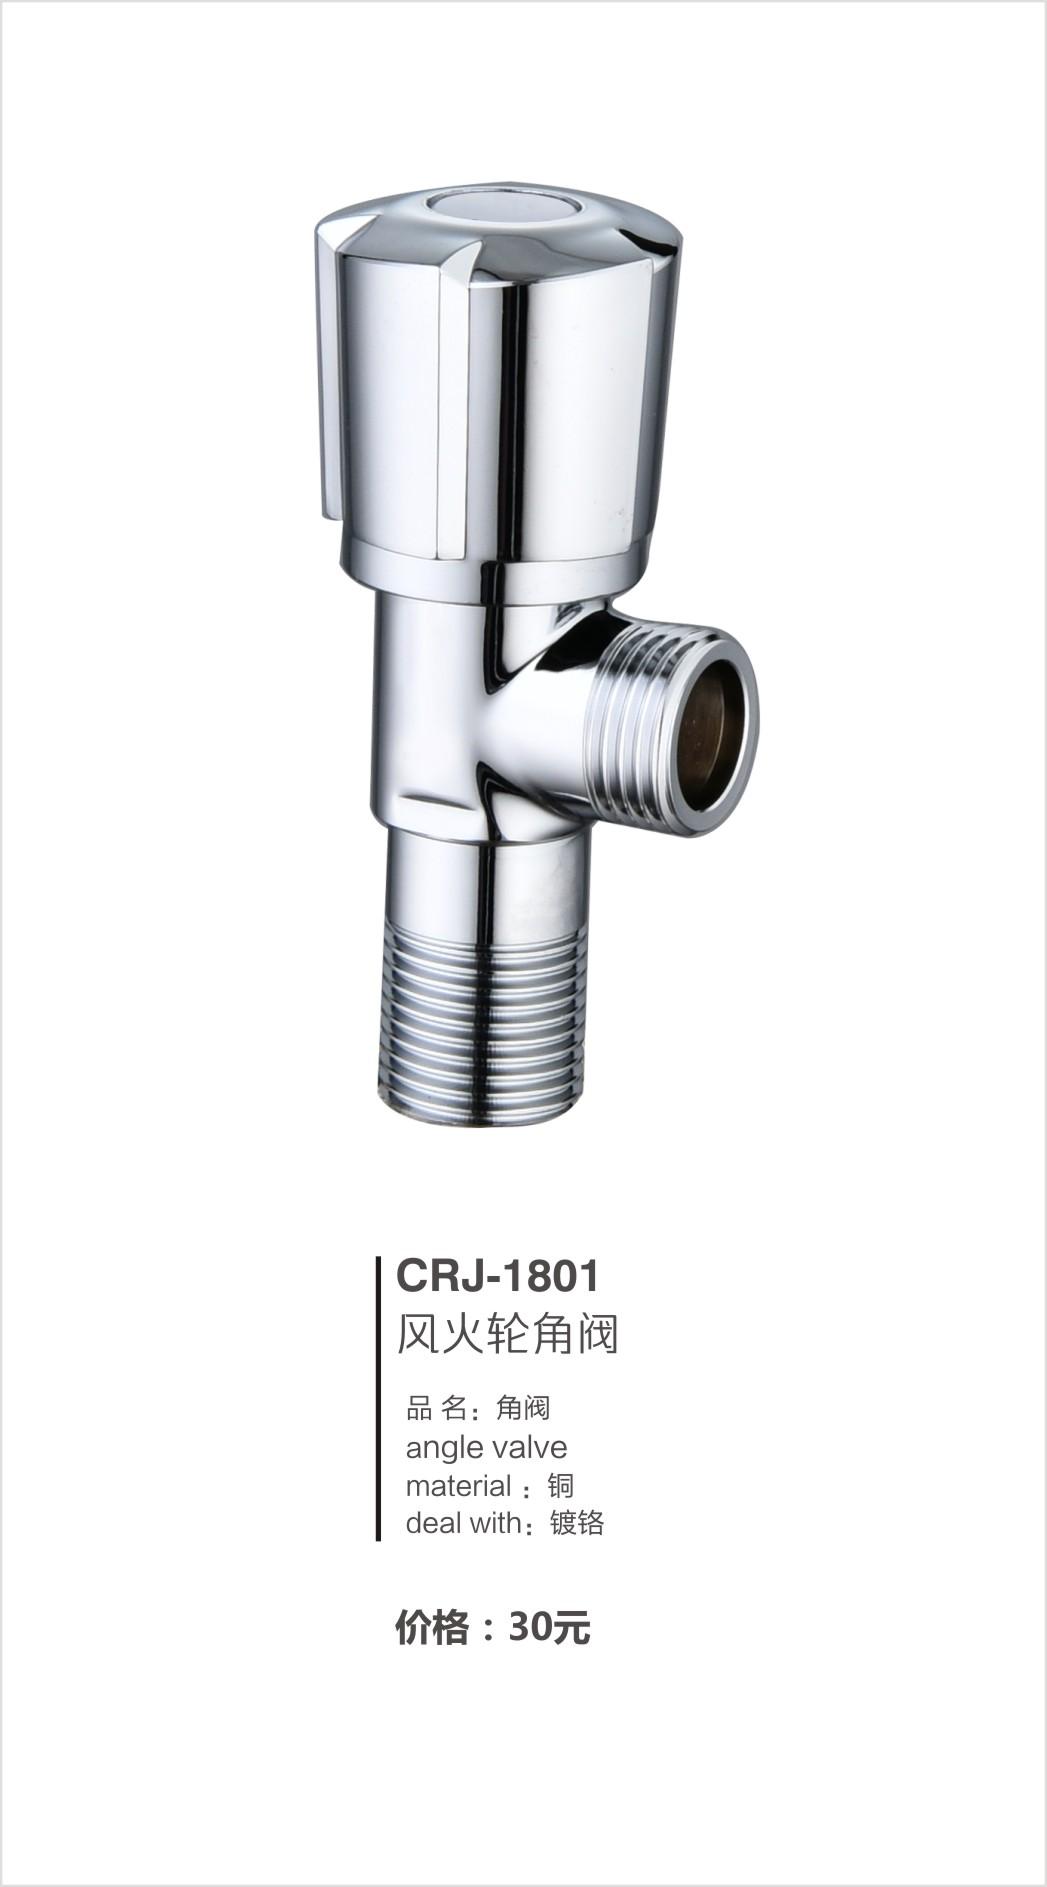 超人(chaoren)卫浴系列角阀CRJ-1801